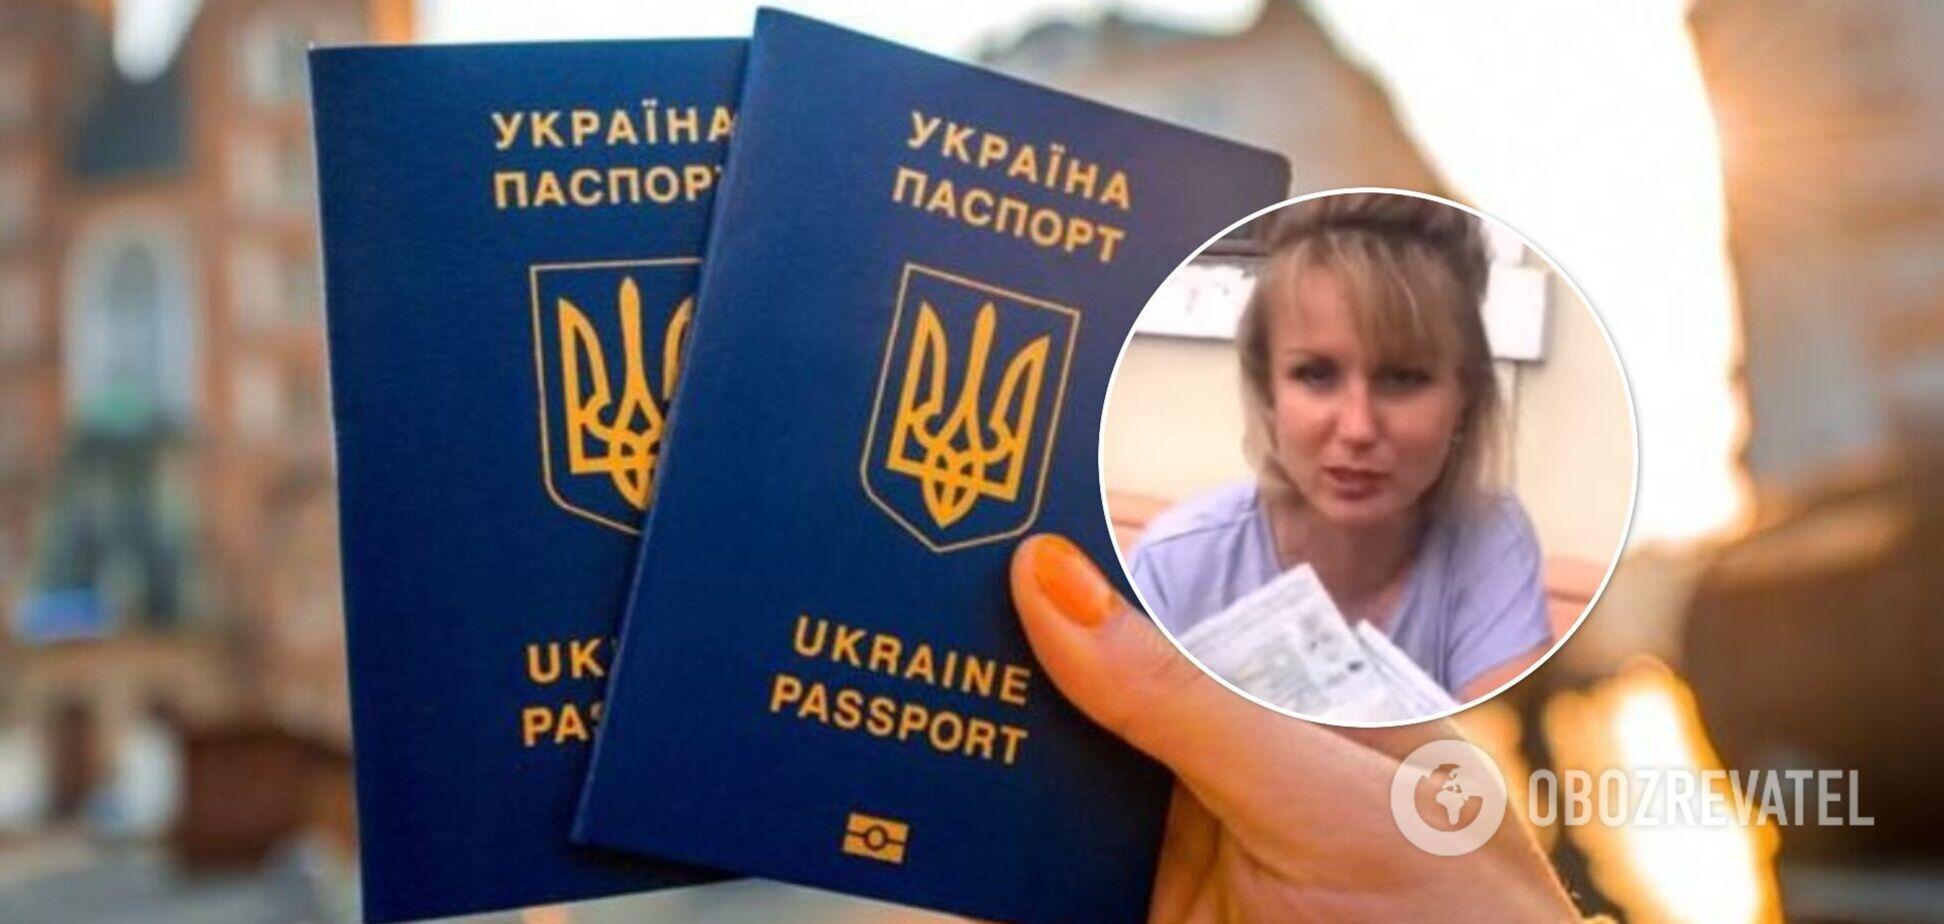 Українка викинула паспорт